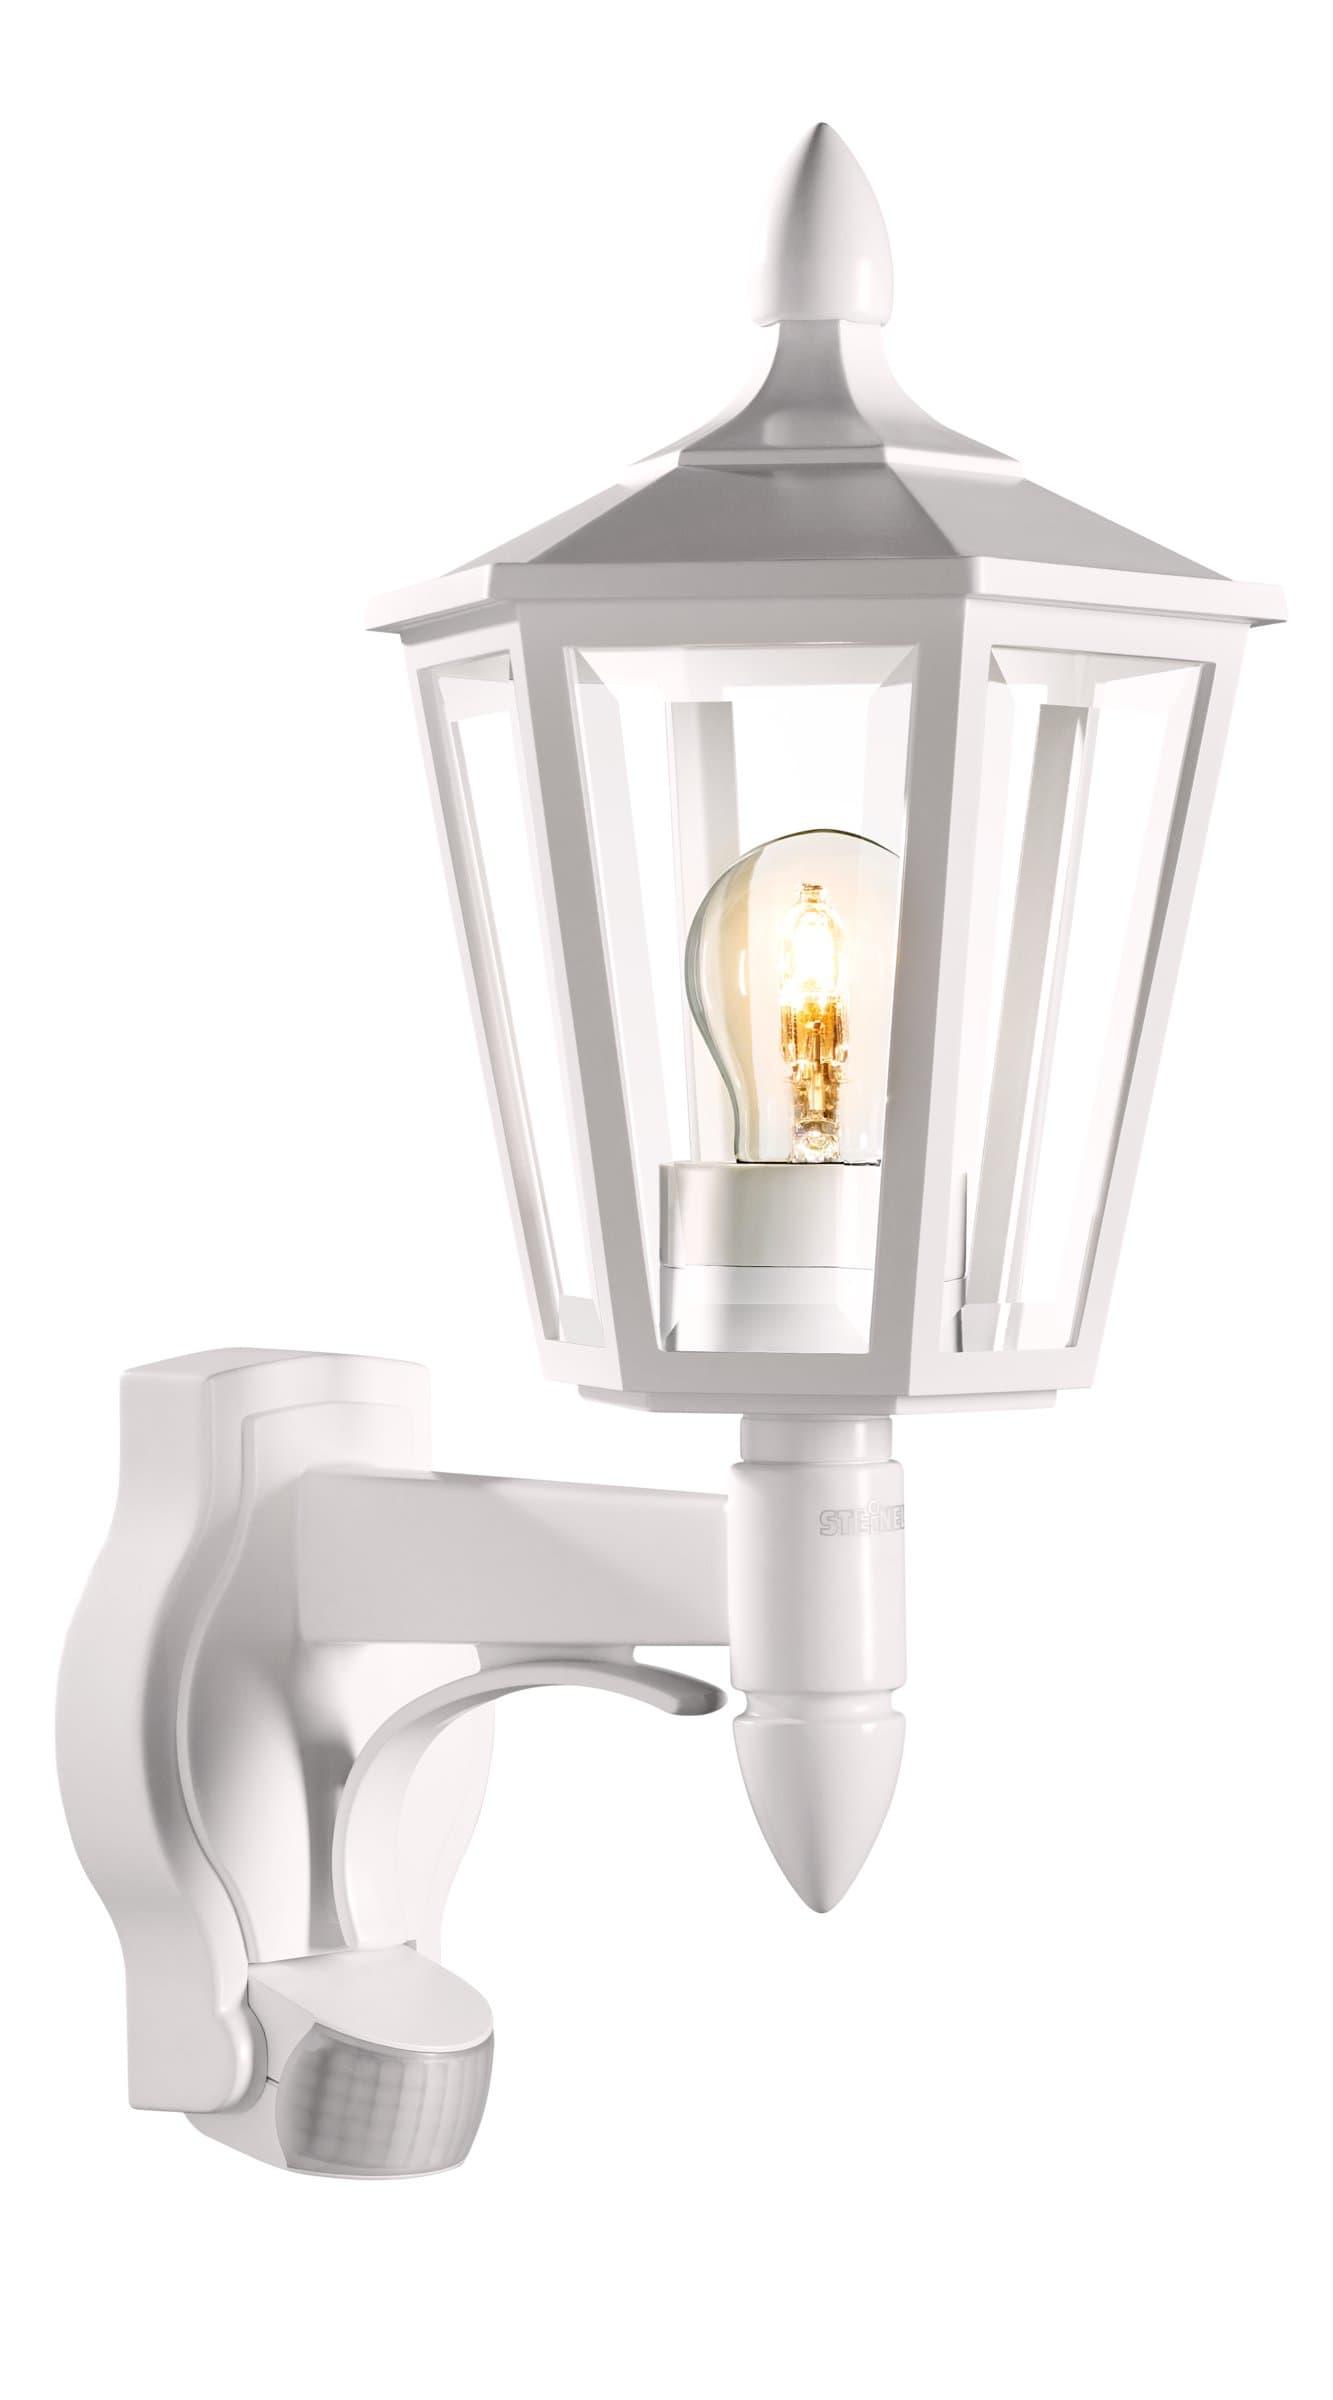 Steinel lampada sensore L 15 S Lampada da parete per esterno